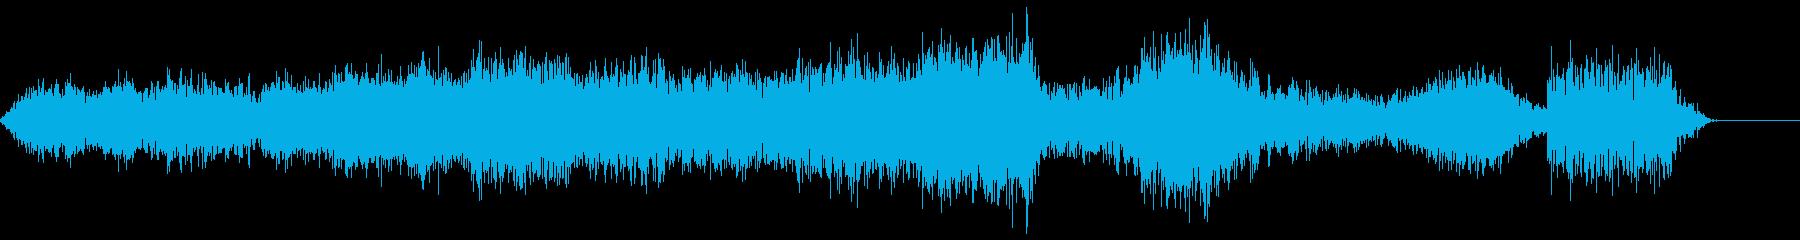 ランブル5の再生済みの波形